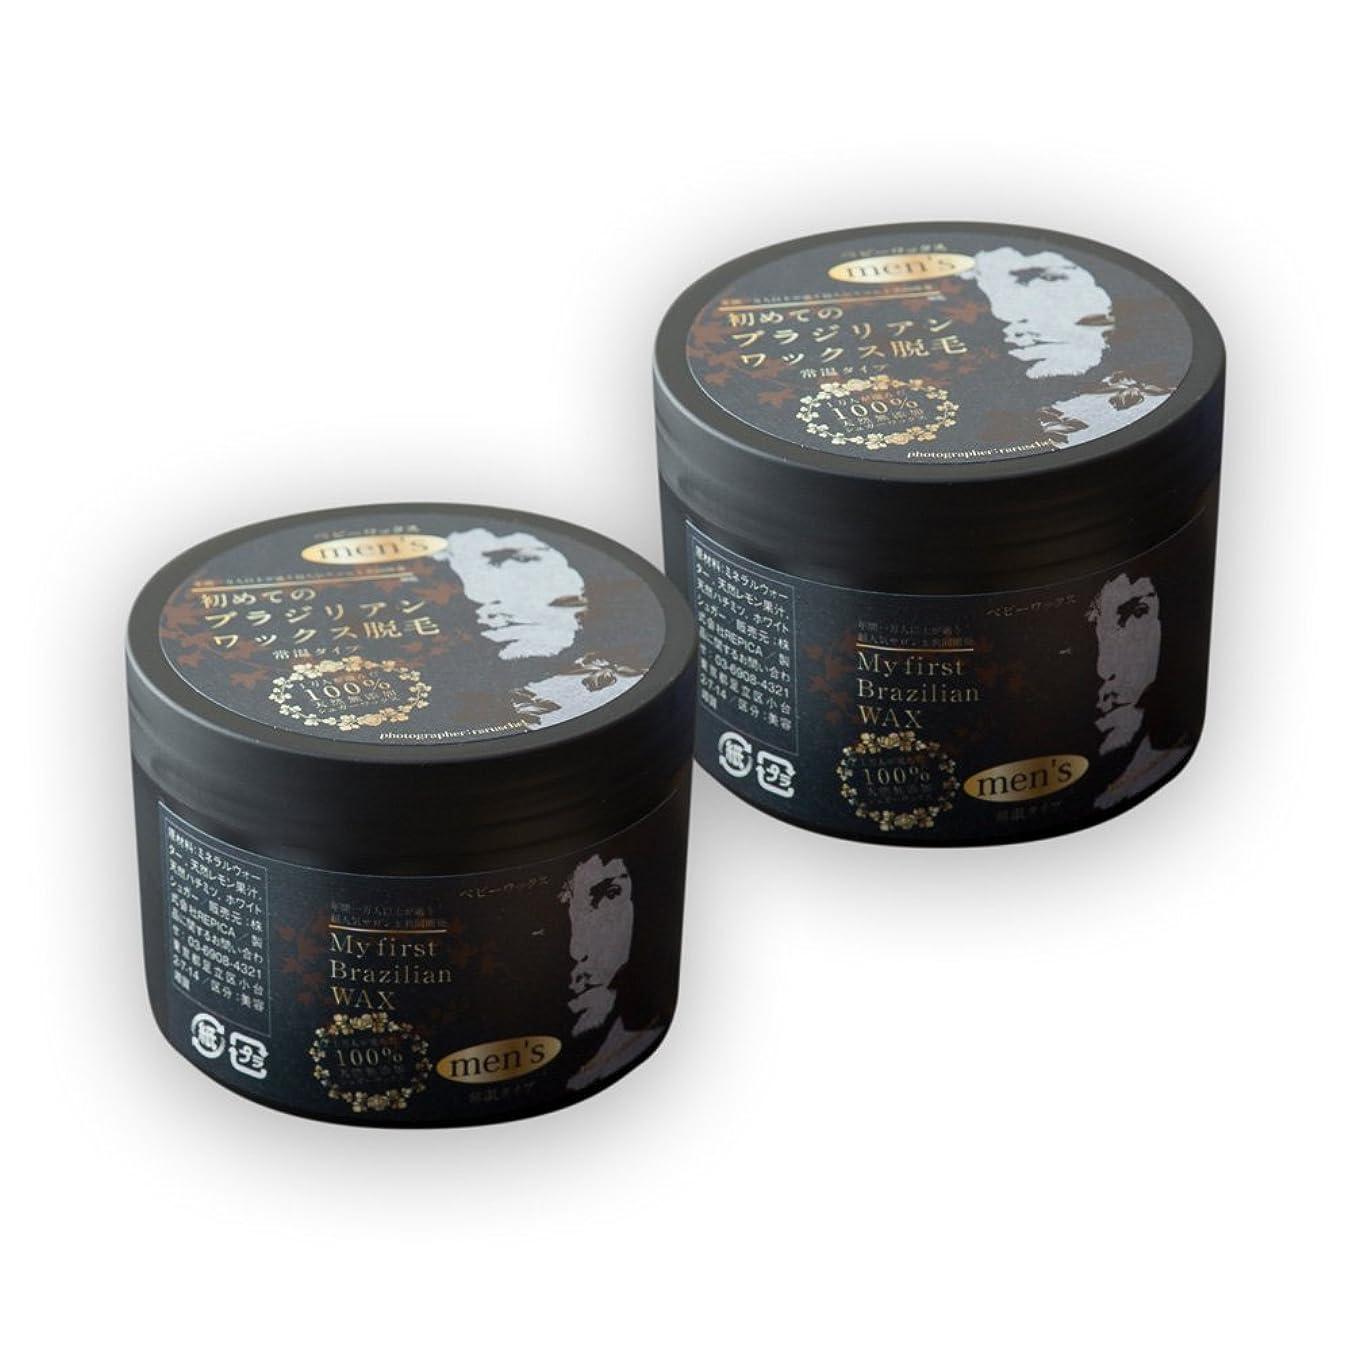 ビザボーナスキャリッジ【単品】メンズ専用単品ワックス BABY WAX 専門サロンの初めてのブラジリアンワックス脱毛【100%国産無添加】 (2個セット)